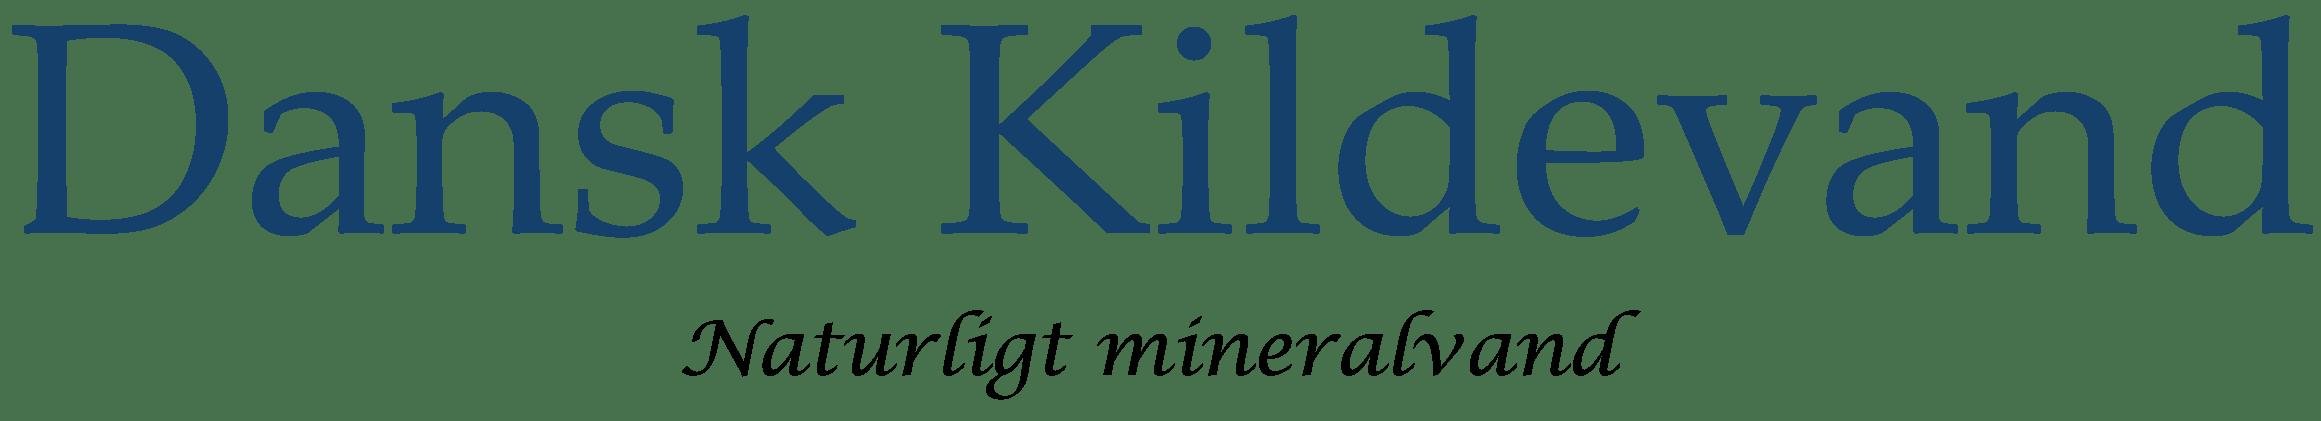 cropped-danskkildevand2021_logo-1.png